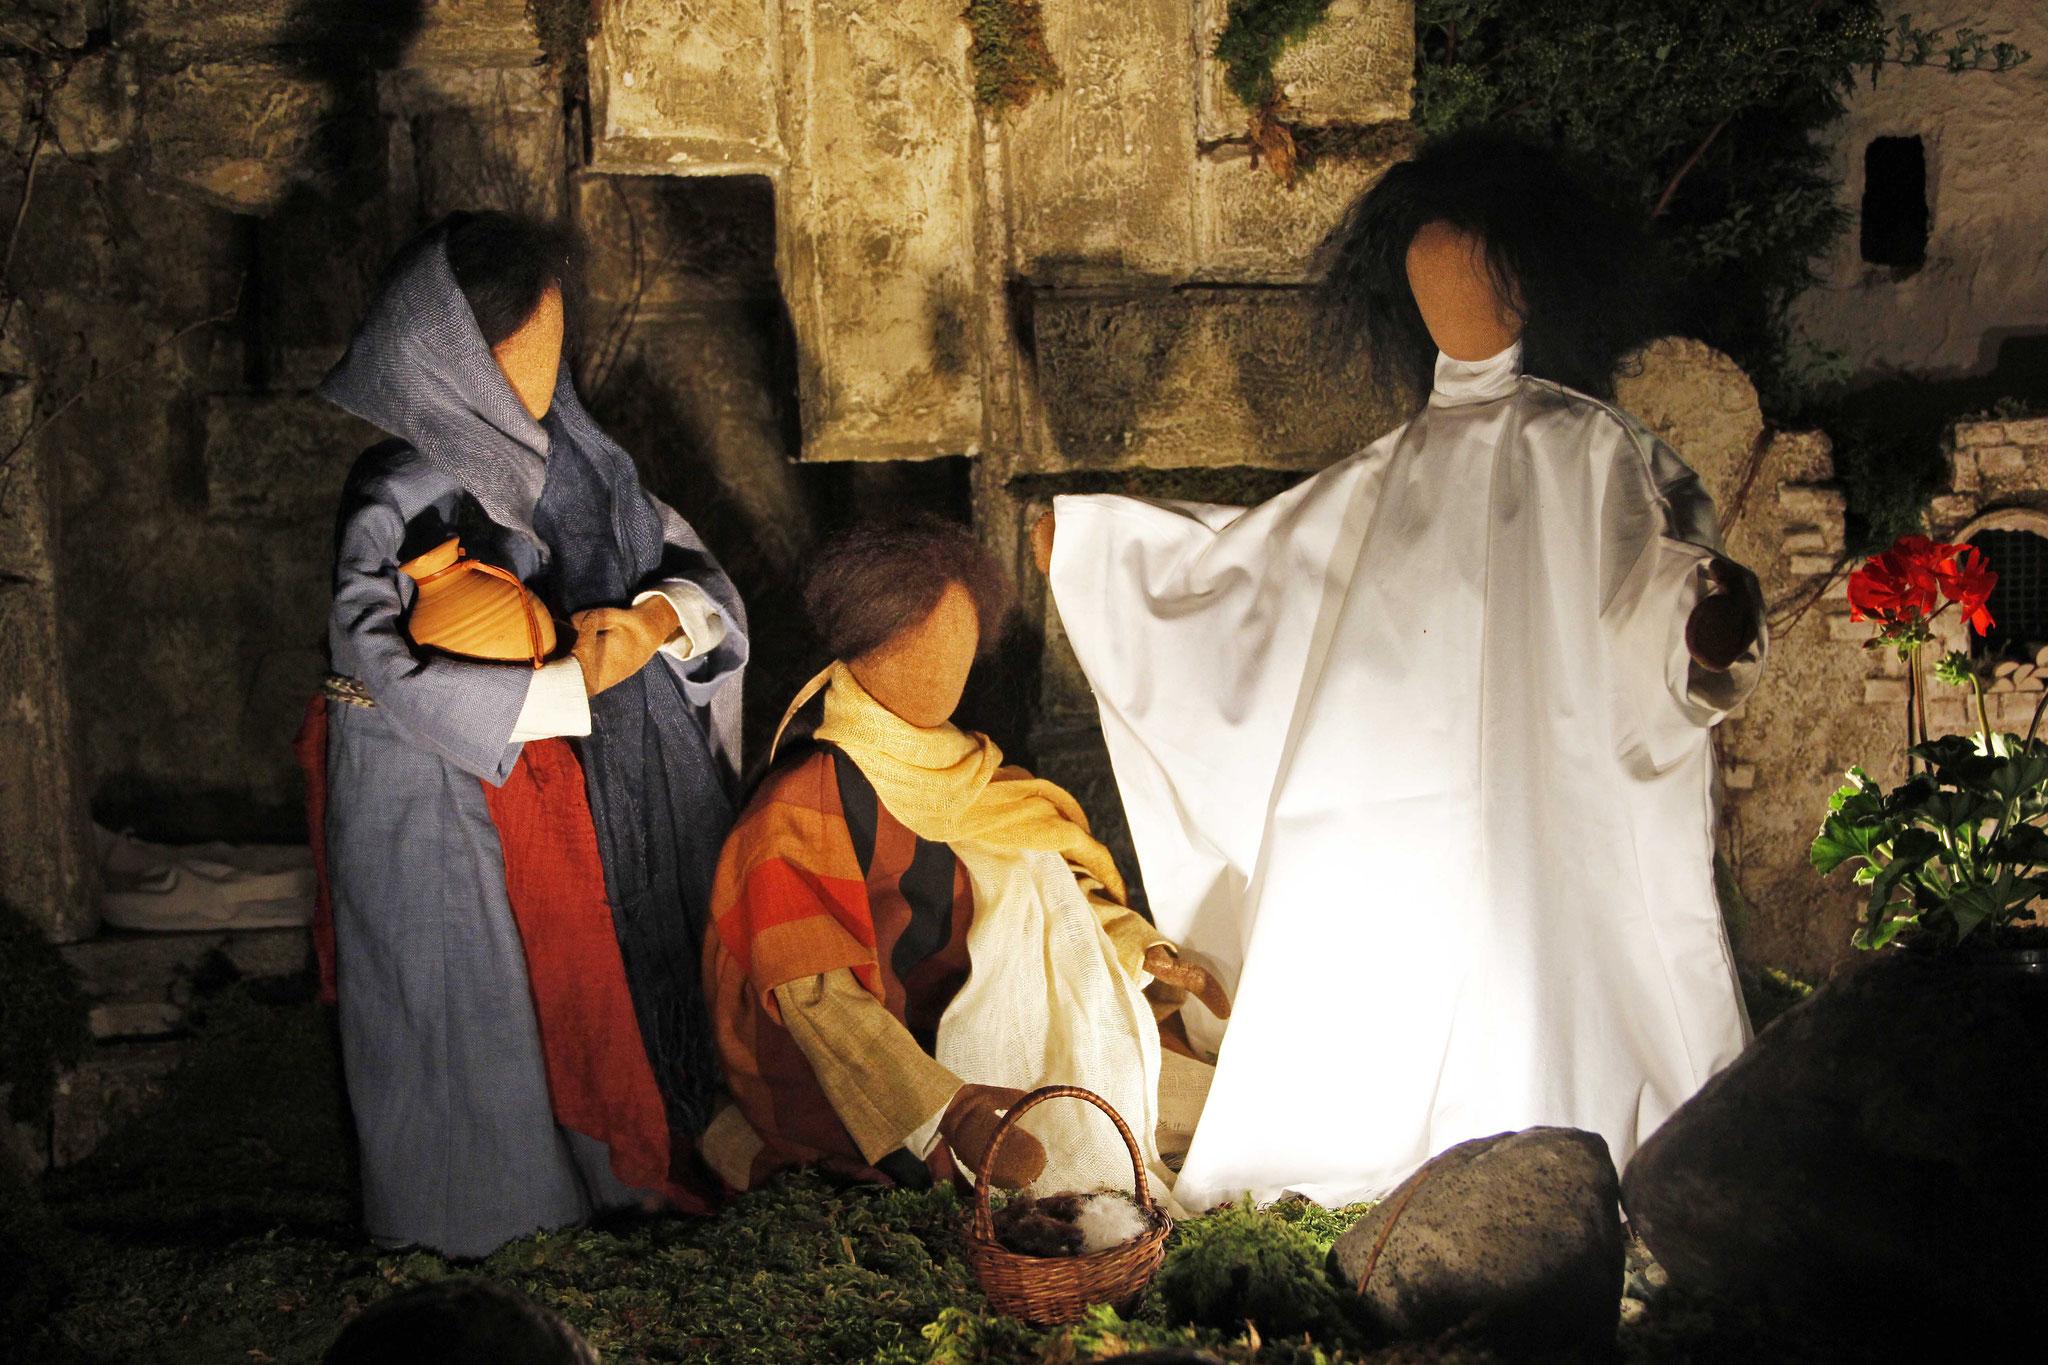 Plötzlich kam ihnen Jesus entgegen und sagte: Seid gegrüßt! Sie gingen auf ihn zu, warfen sich vor ihm nieder und umfassten seine Füsse.